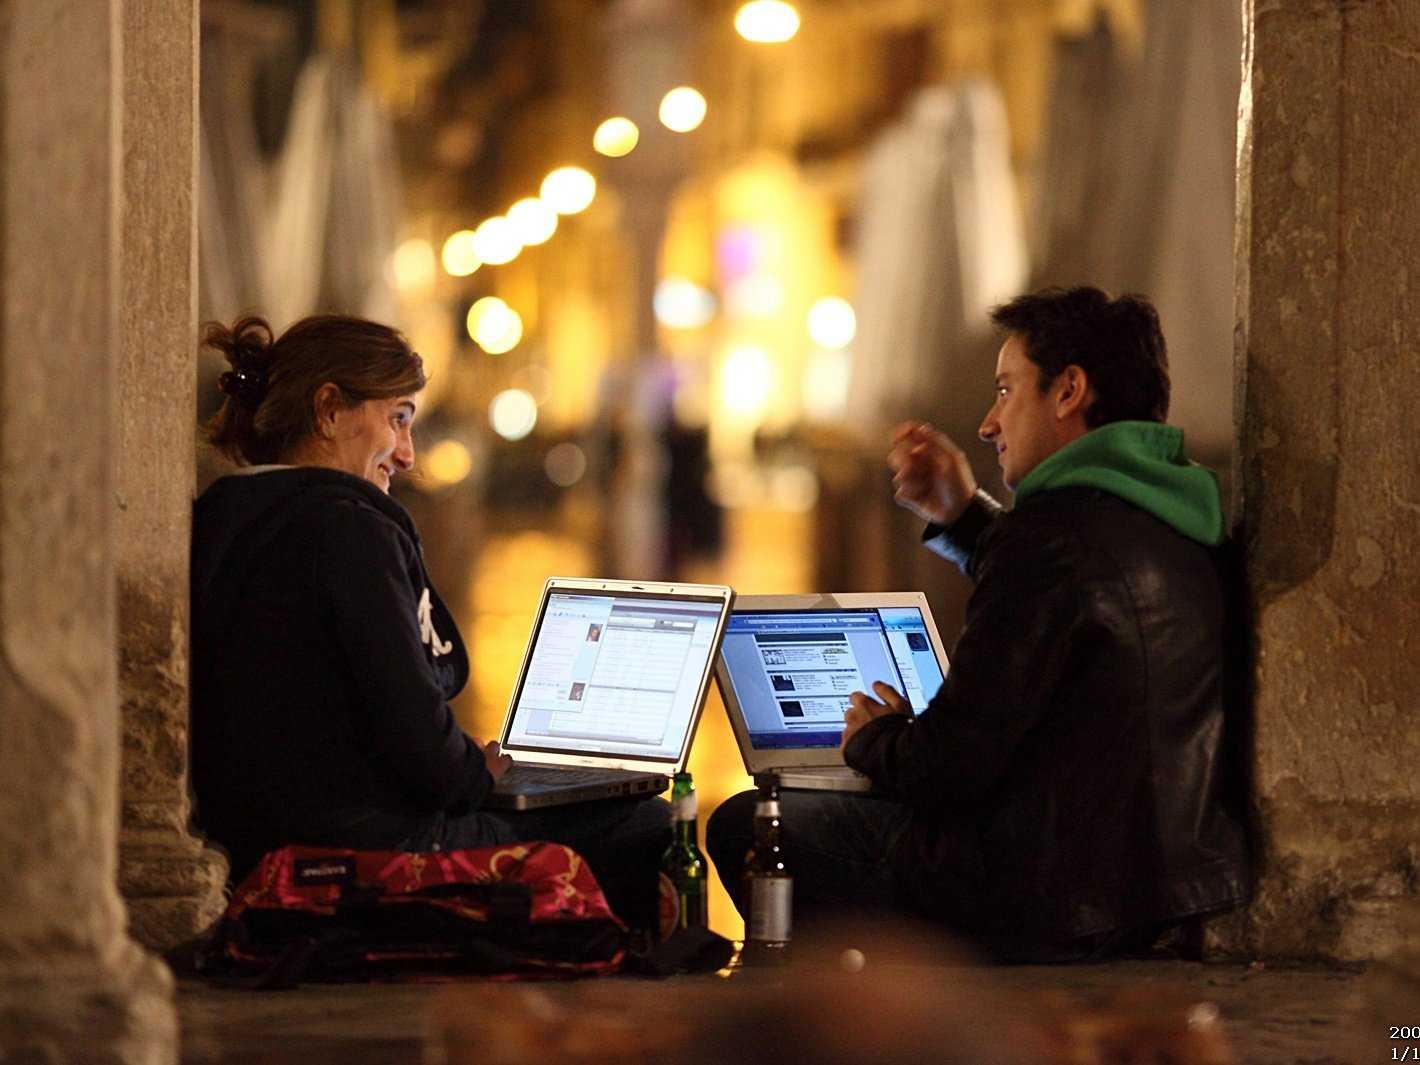 comparatif sites de rencontre vrai rencontre